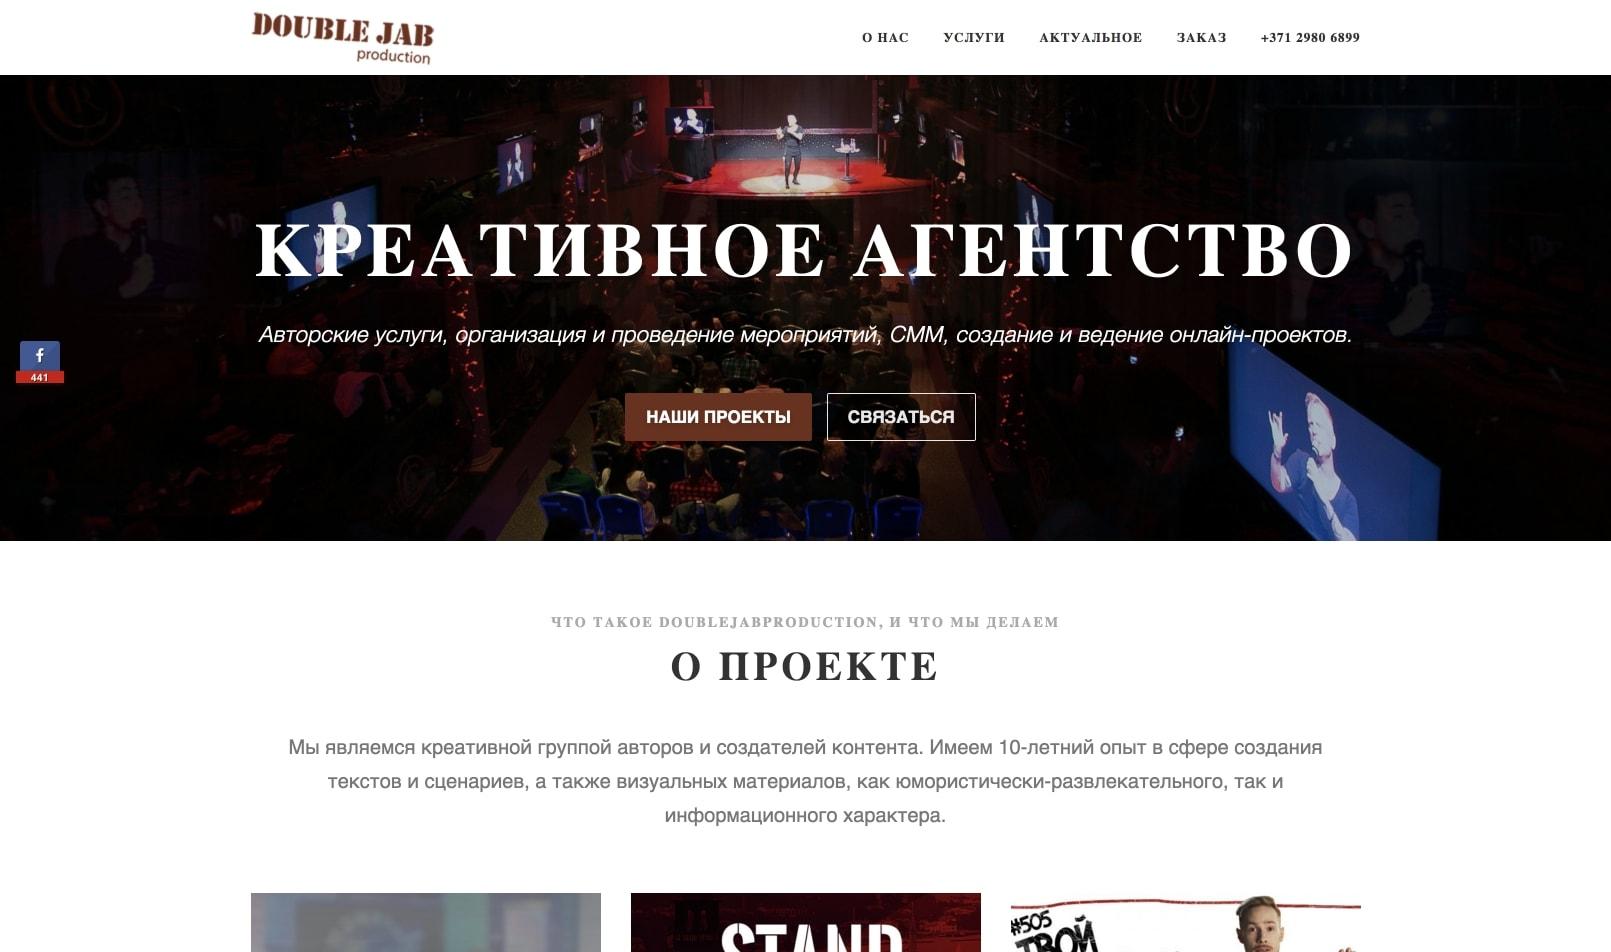 Сайт визитка креативного агенства